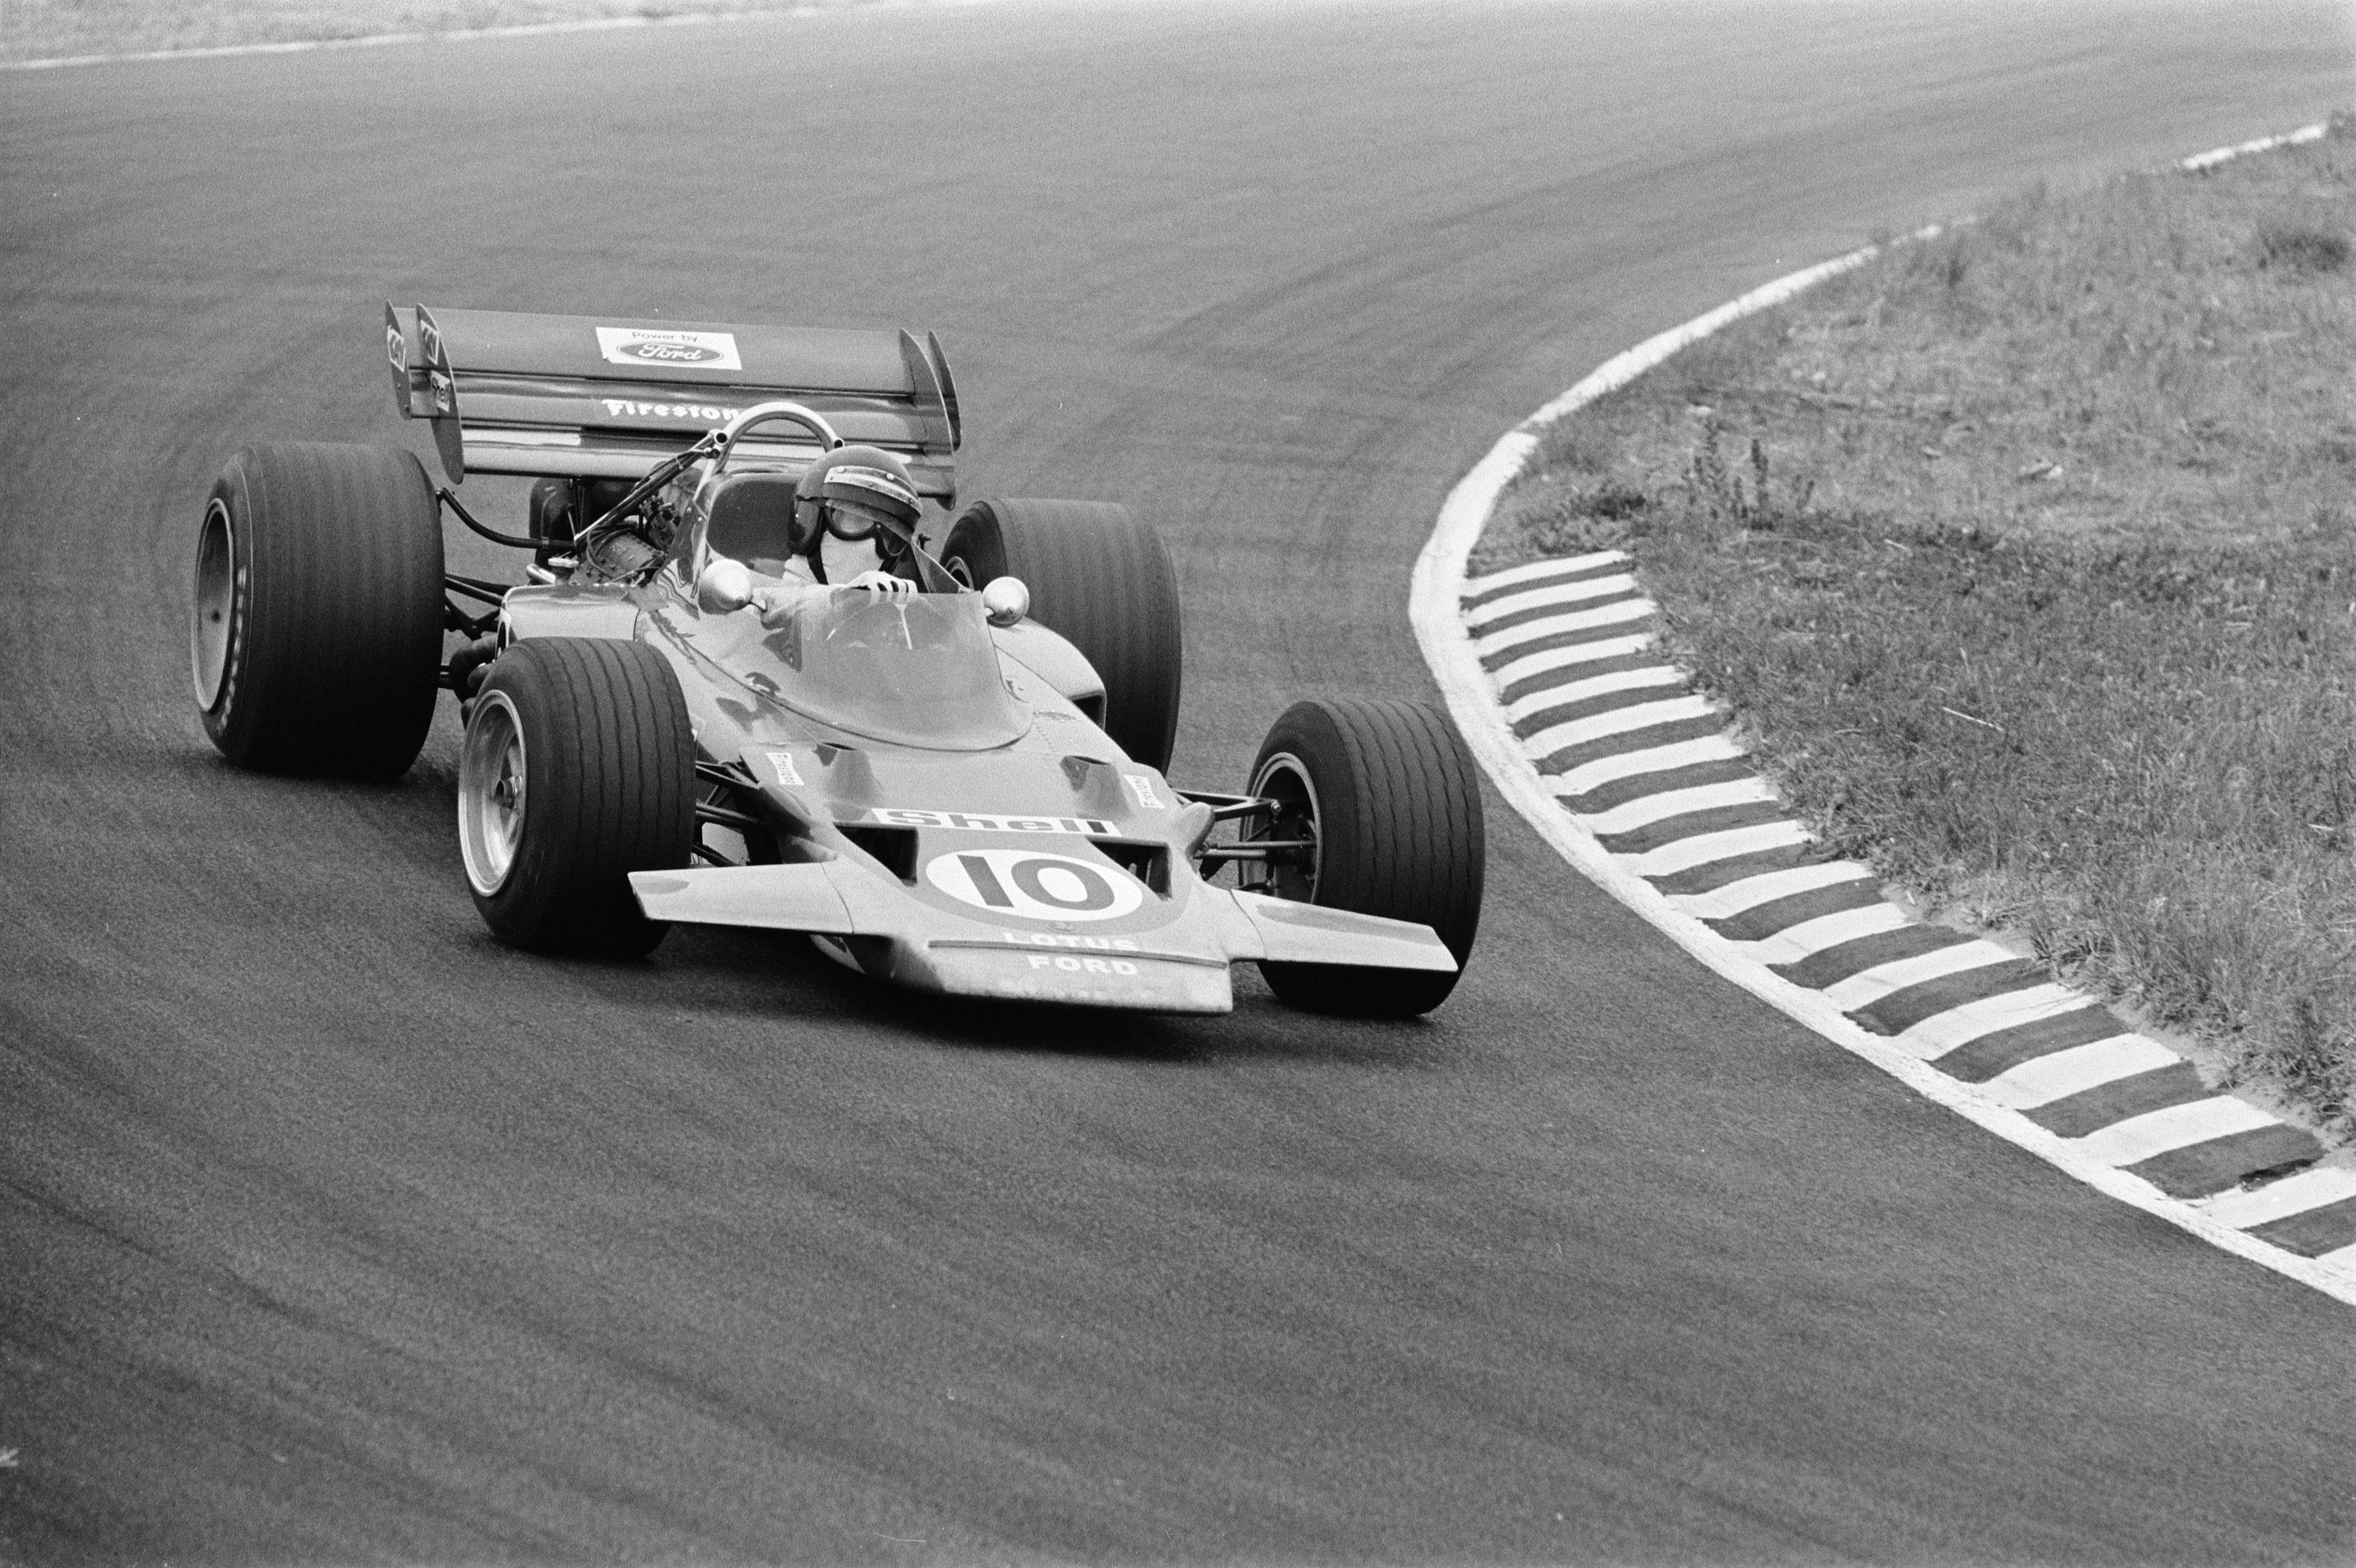 +Autogramm++Formel 1 Weltmeister++ Jacky Stewart